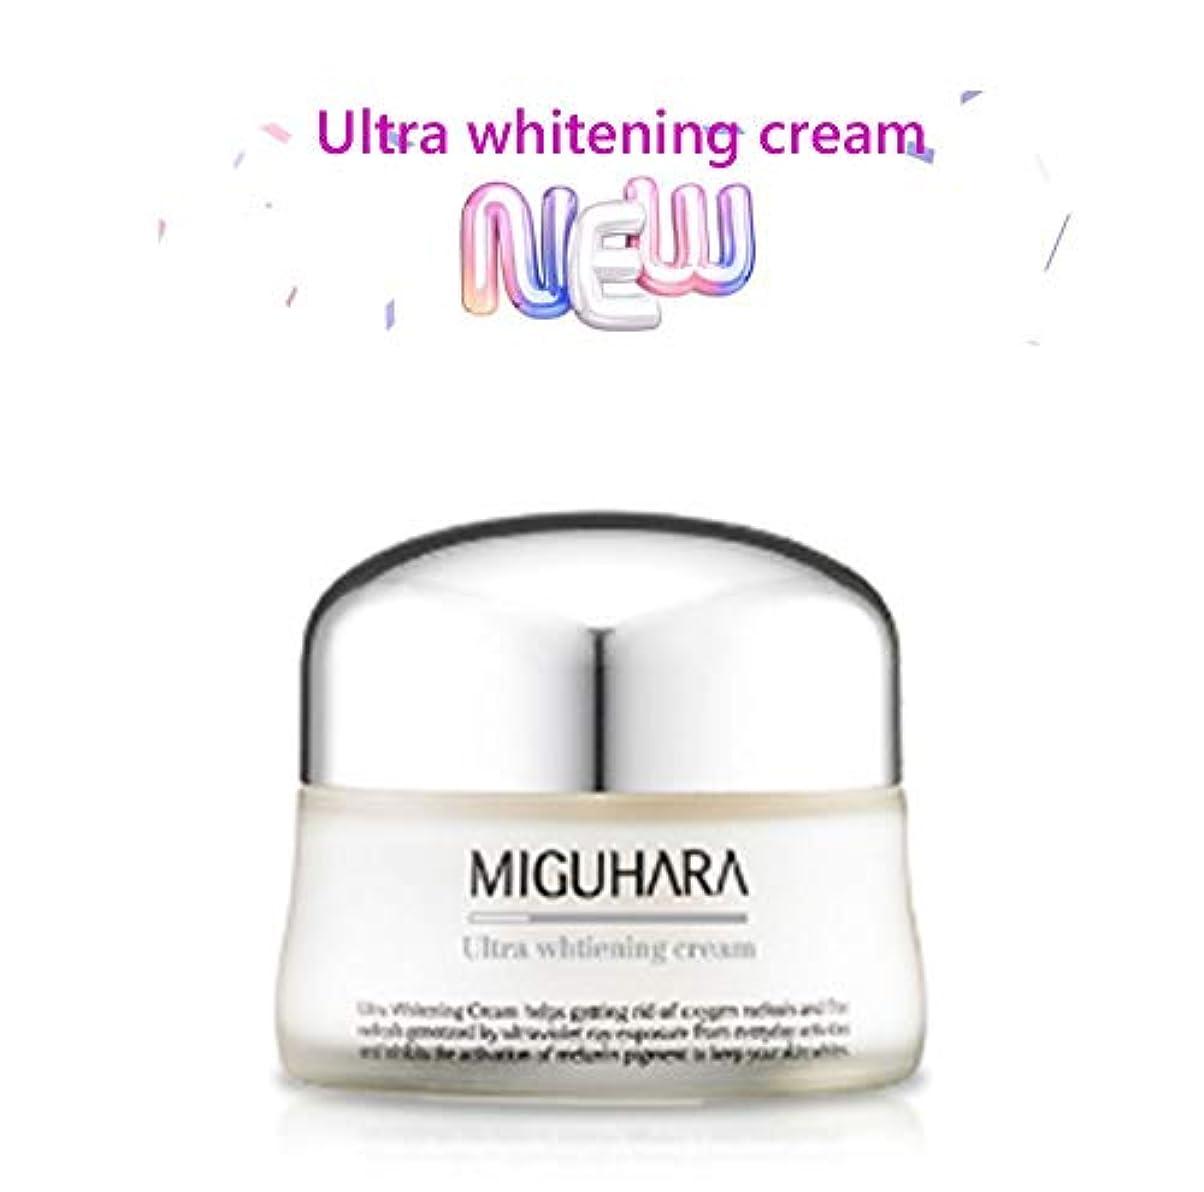 レプリカハーネス消防士MIGUHARA ウルトラホワイトニングクリーム 50ml /Ultra Whitening Cream 50ml